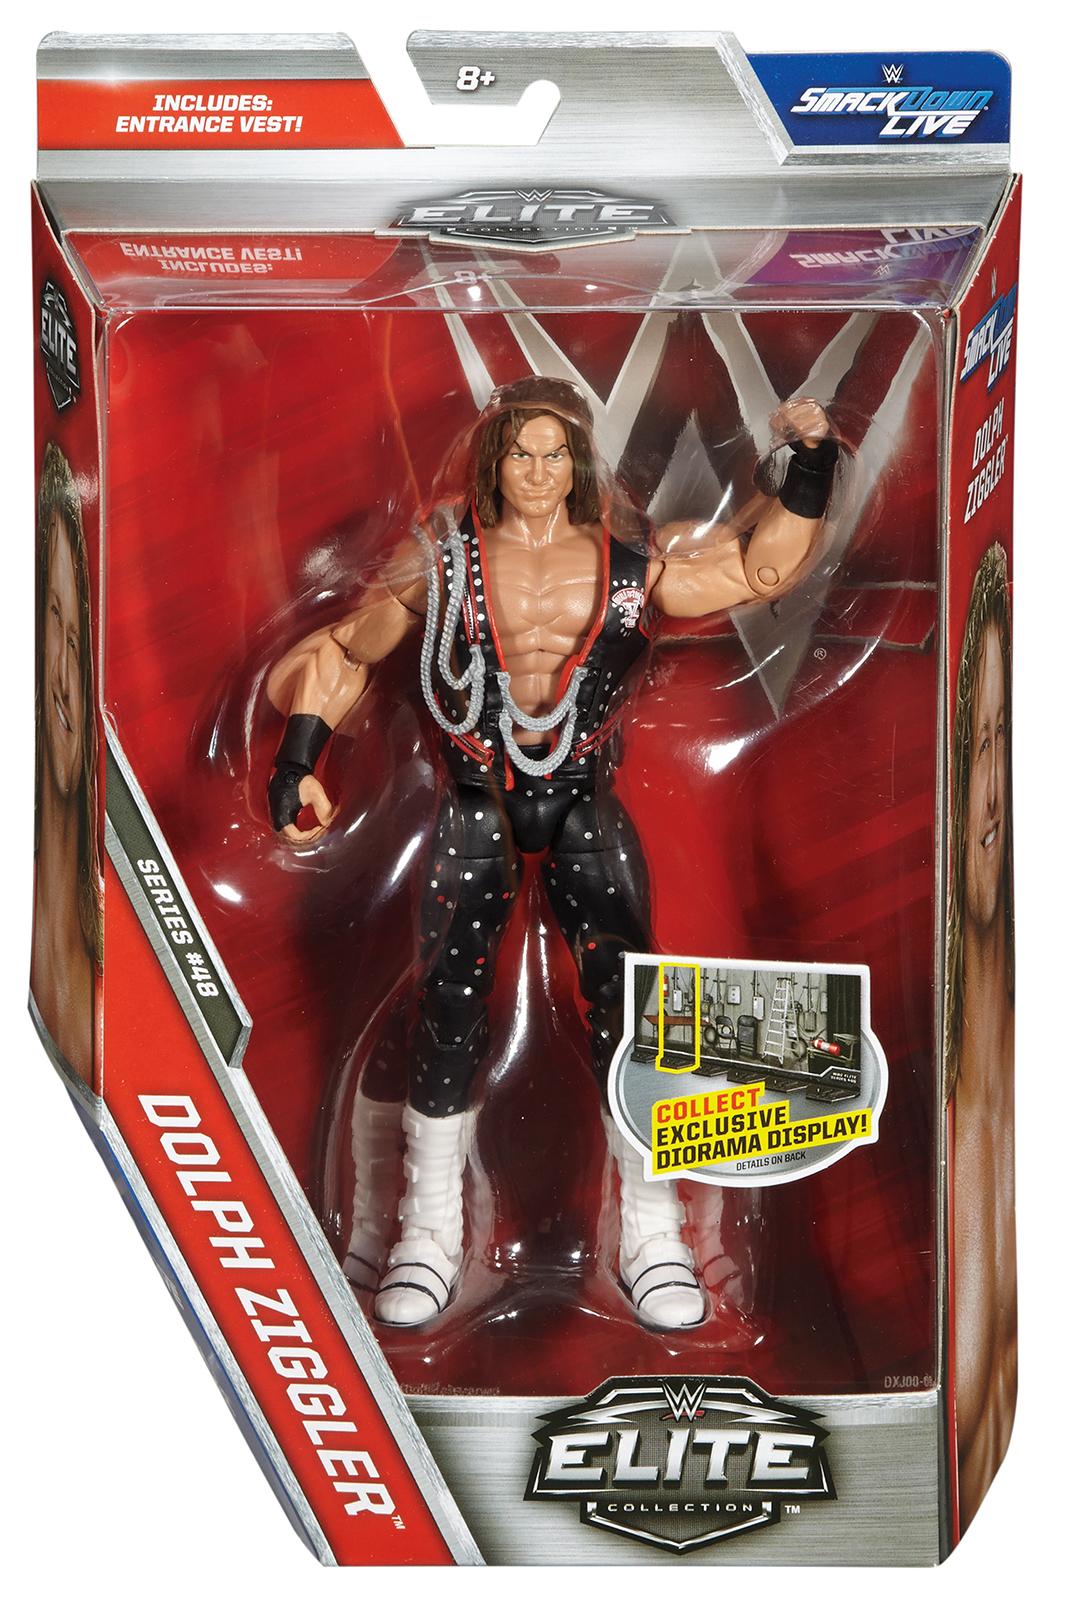 WWE Dolph Ziggler - WWE Elite 48 Toy Wrestling Action Figure PartNumber: 05221028000P KsnValue: 8902932 MfgPartNumber: ELITE48-02